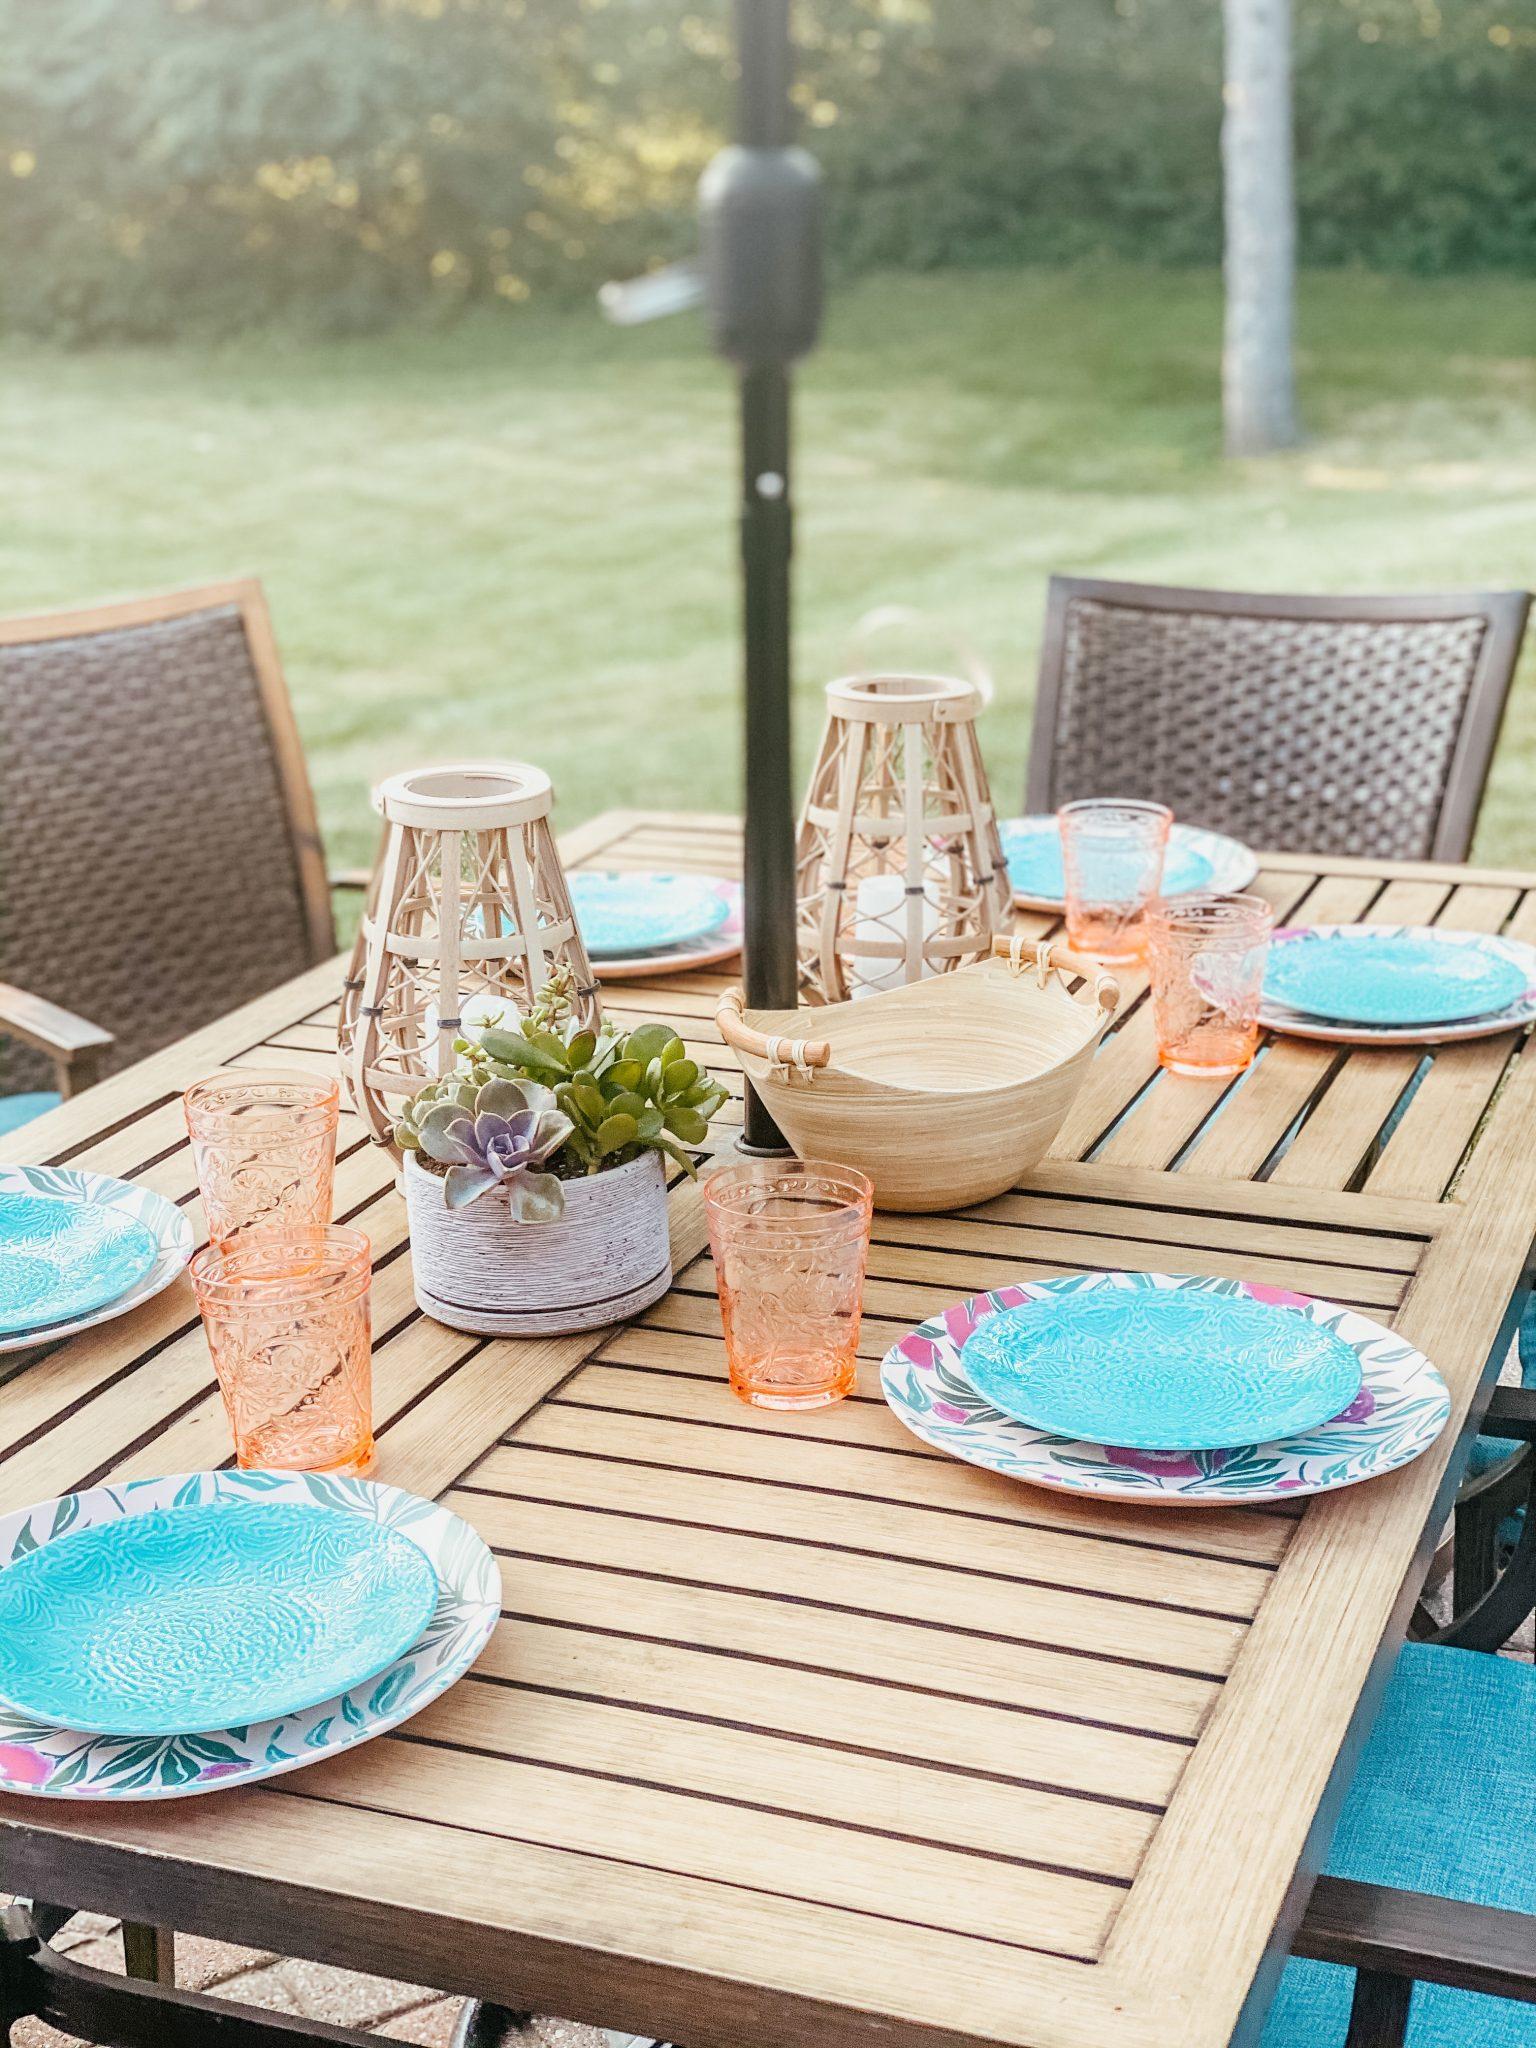 July Favorites | Daily Splendor Life and Style Blog | Outdoor Dining #patiodining #summerdining #melamineplates #lanterns #targetstyle